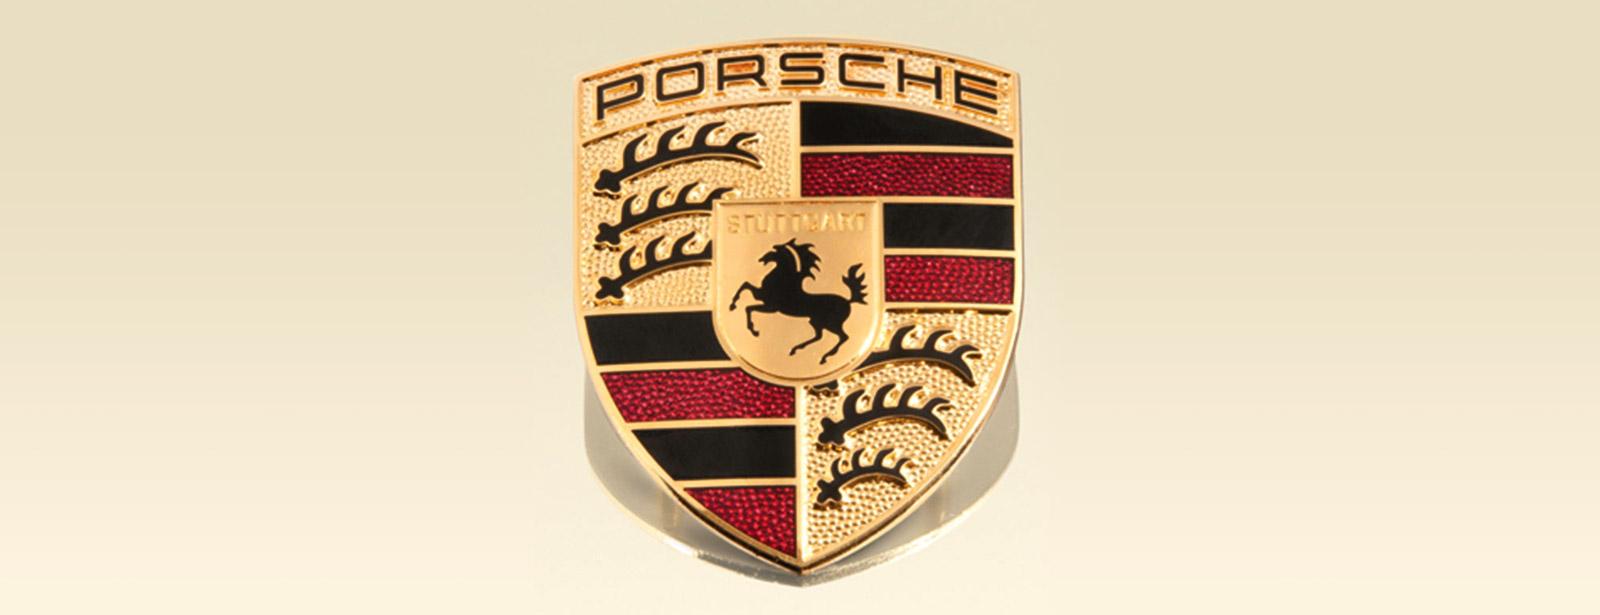 100 Ferry Porsche Quotes Golden Anniversary 50